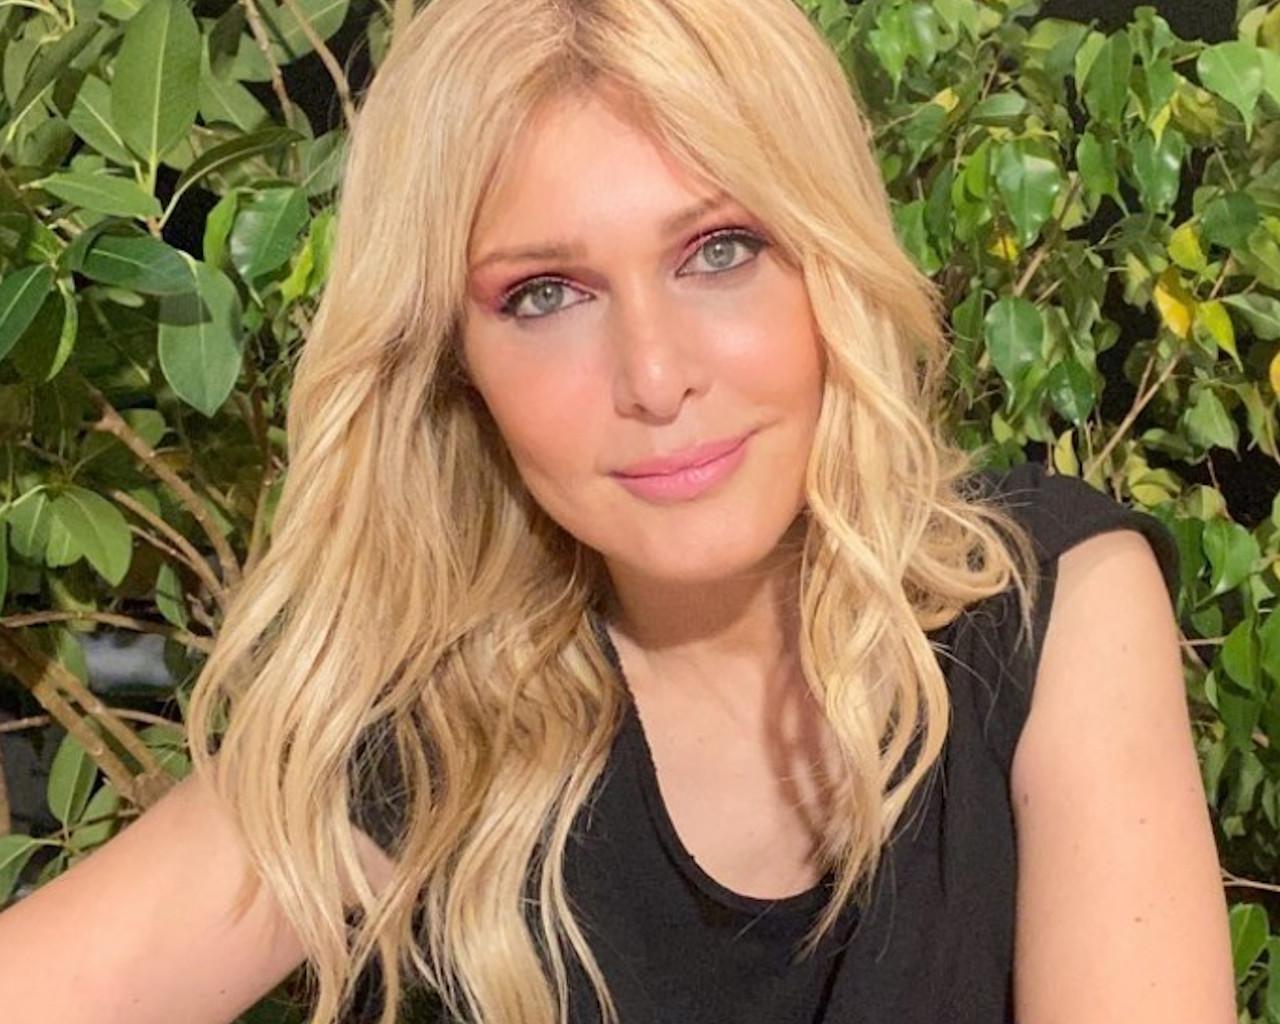 Η Νατάσα Θεοδωρίδου αποκαλύπτει πως από την δημοσιογραφία την κέρδισε το τραγούδι